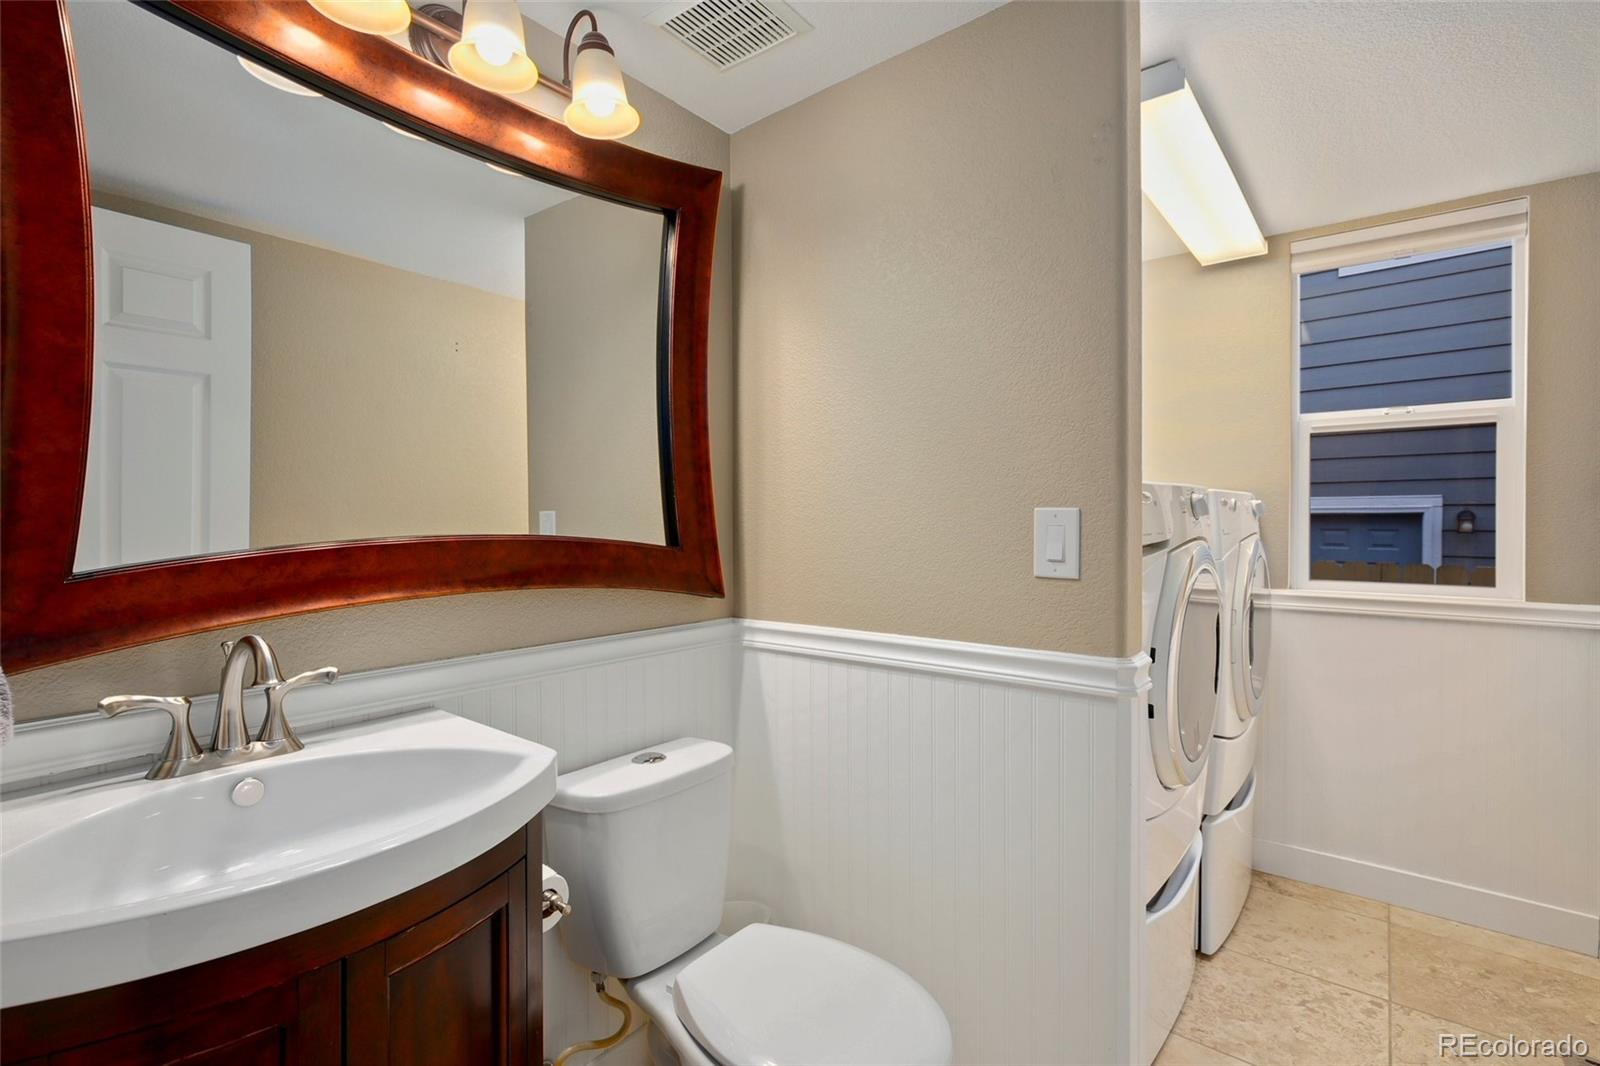 MLS# 7235158 - 13 - 3151 Huron Peak Avenue, Superior, CO 80027